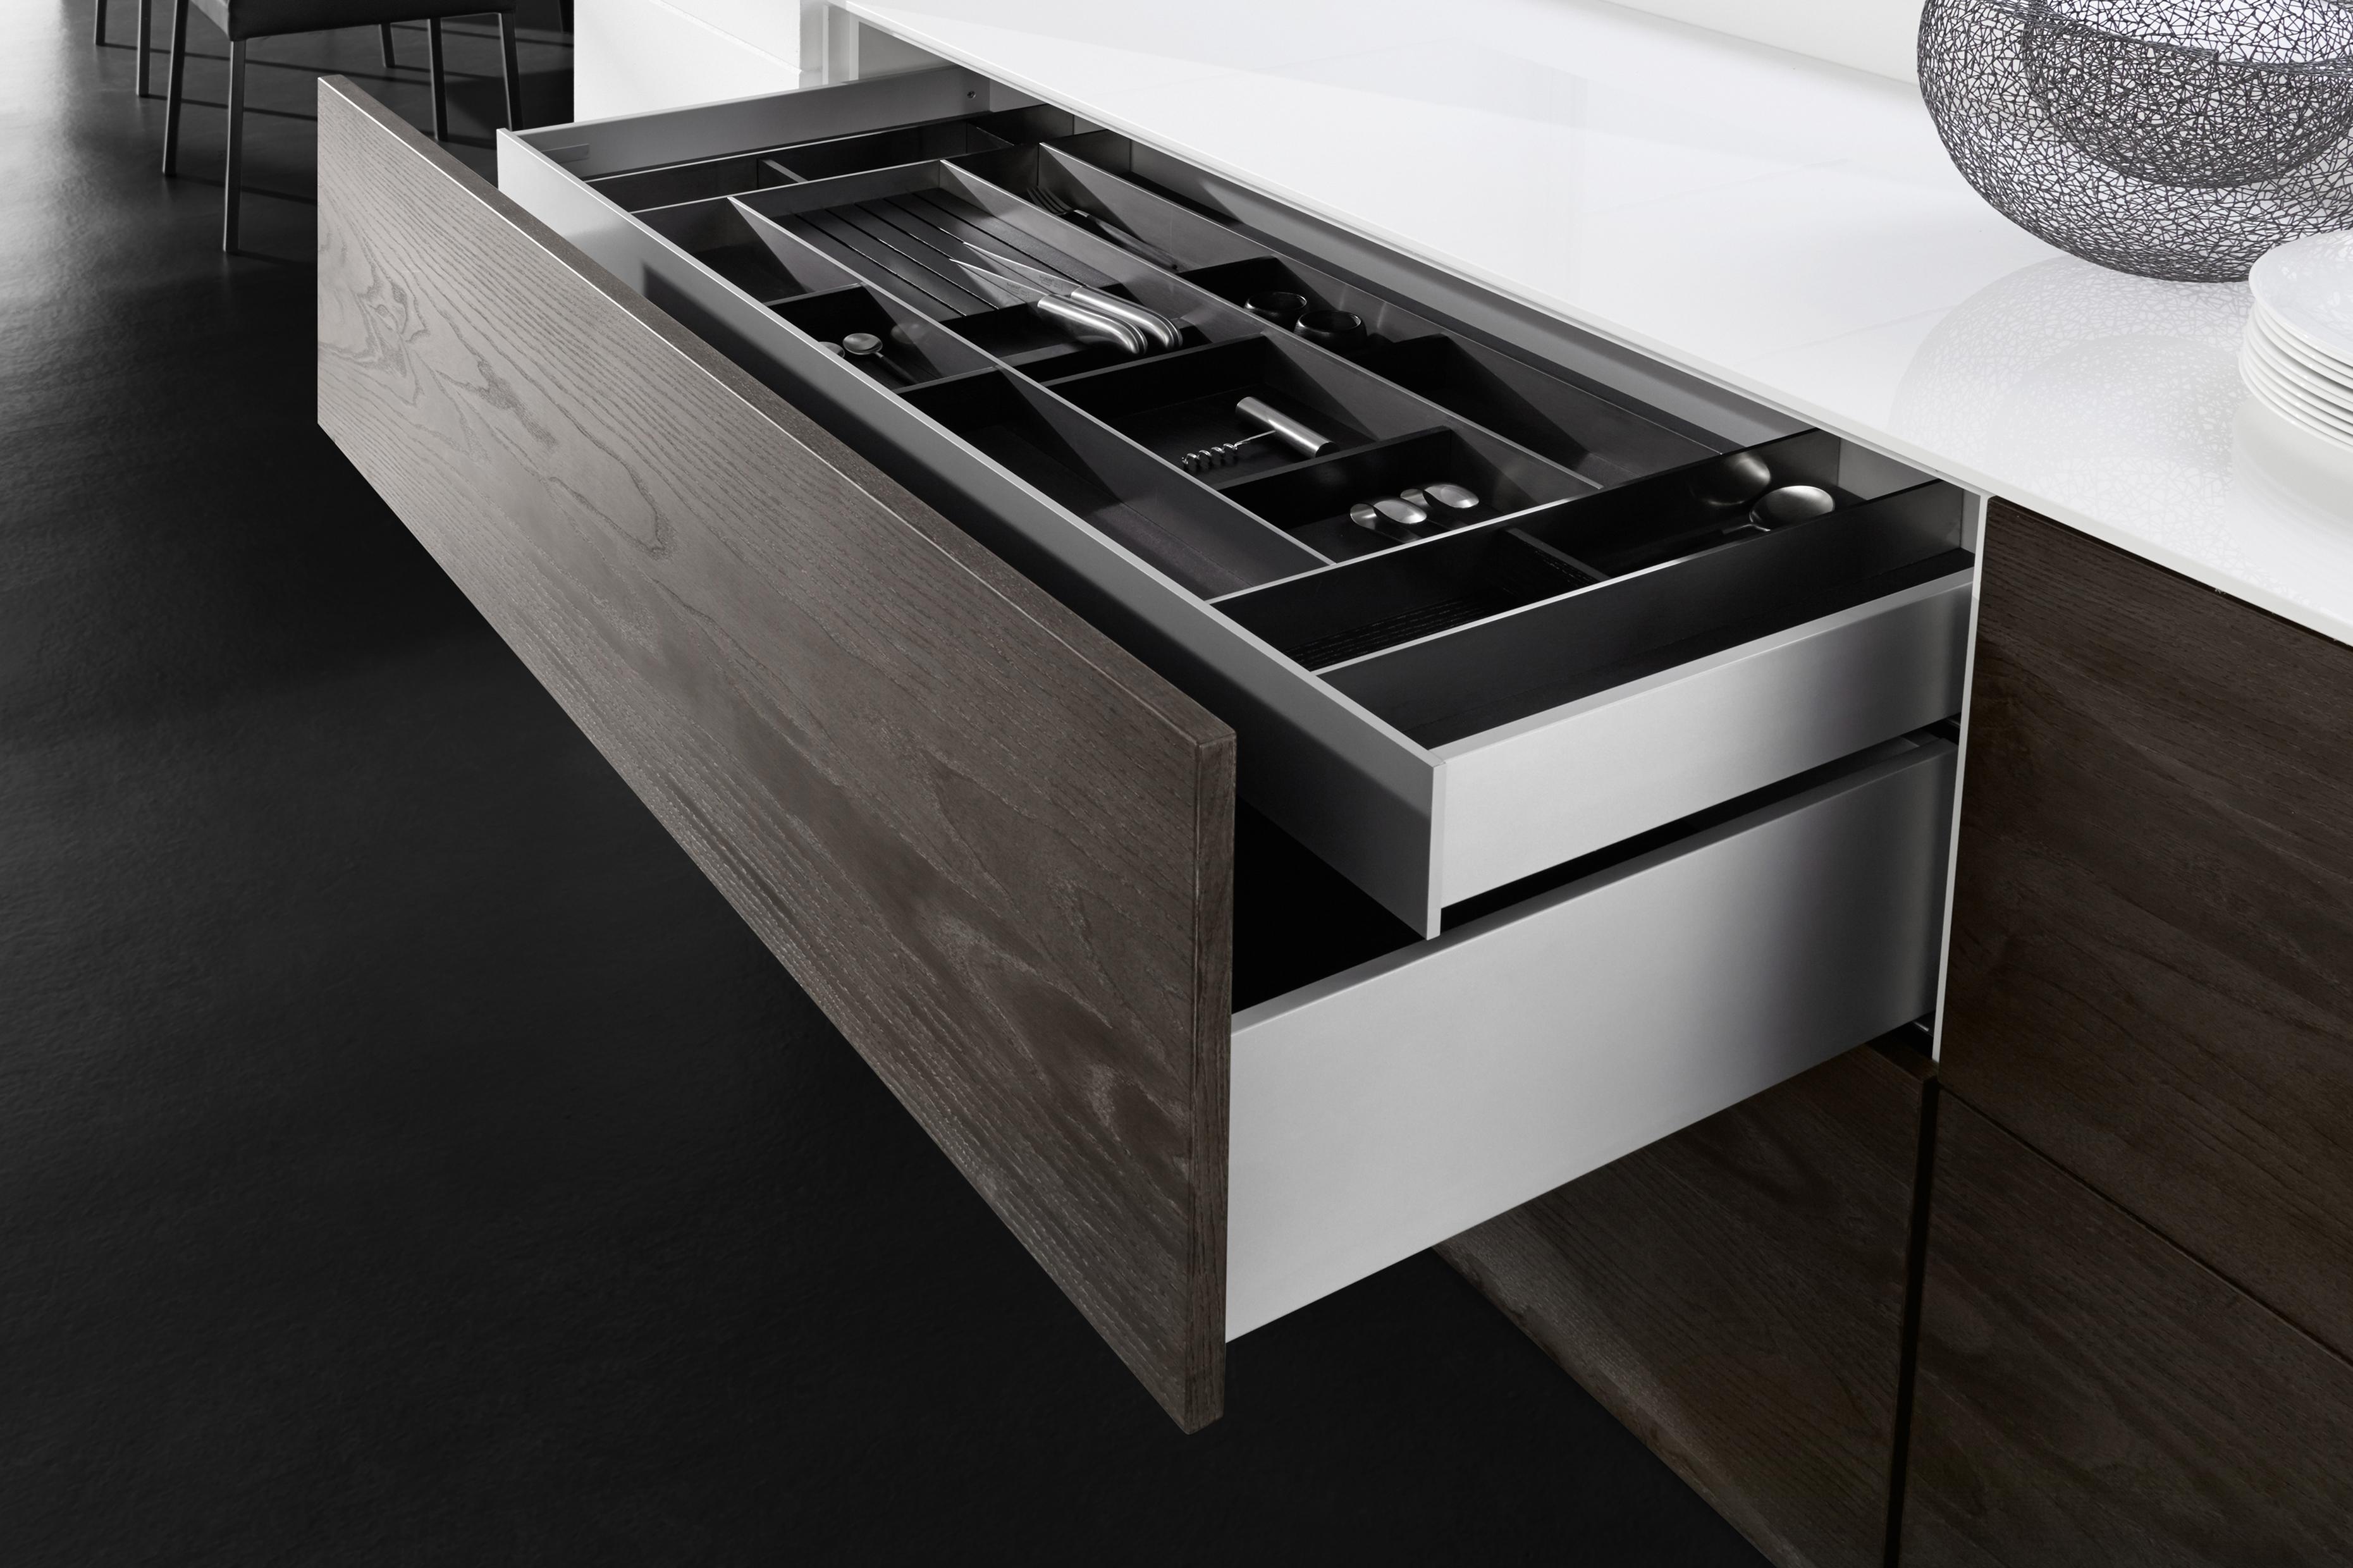 GRASS für grifflose Design-Küchen: Nahtlose Küchenfronten erfüllen höchste Funktionalitätsansprüche